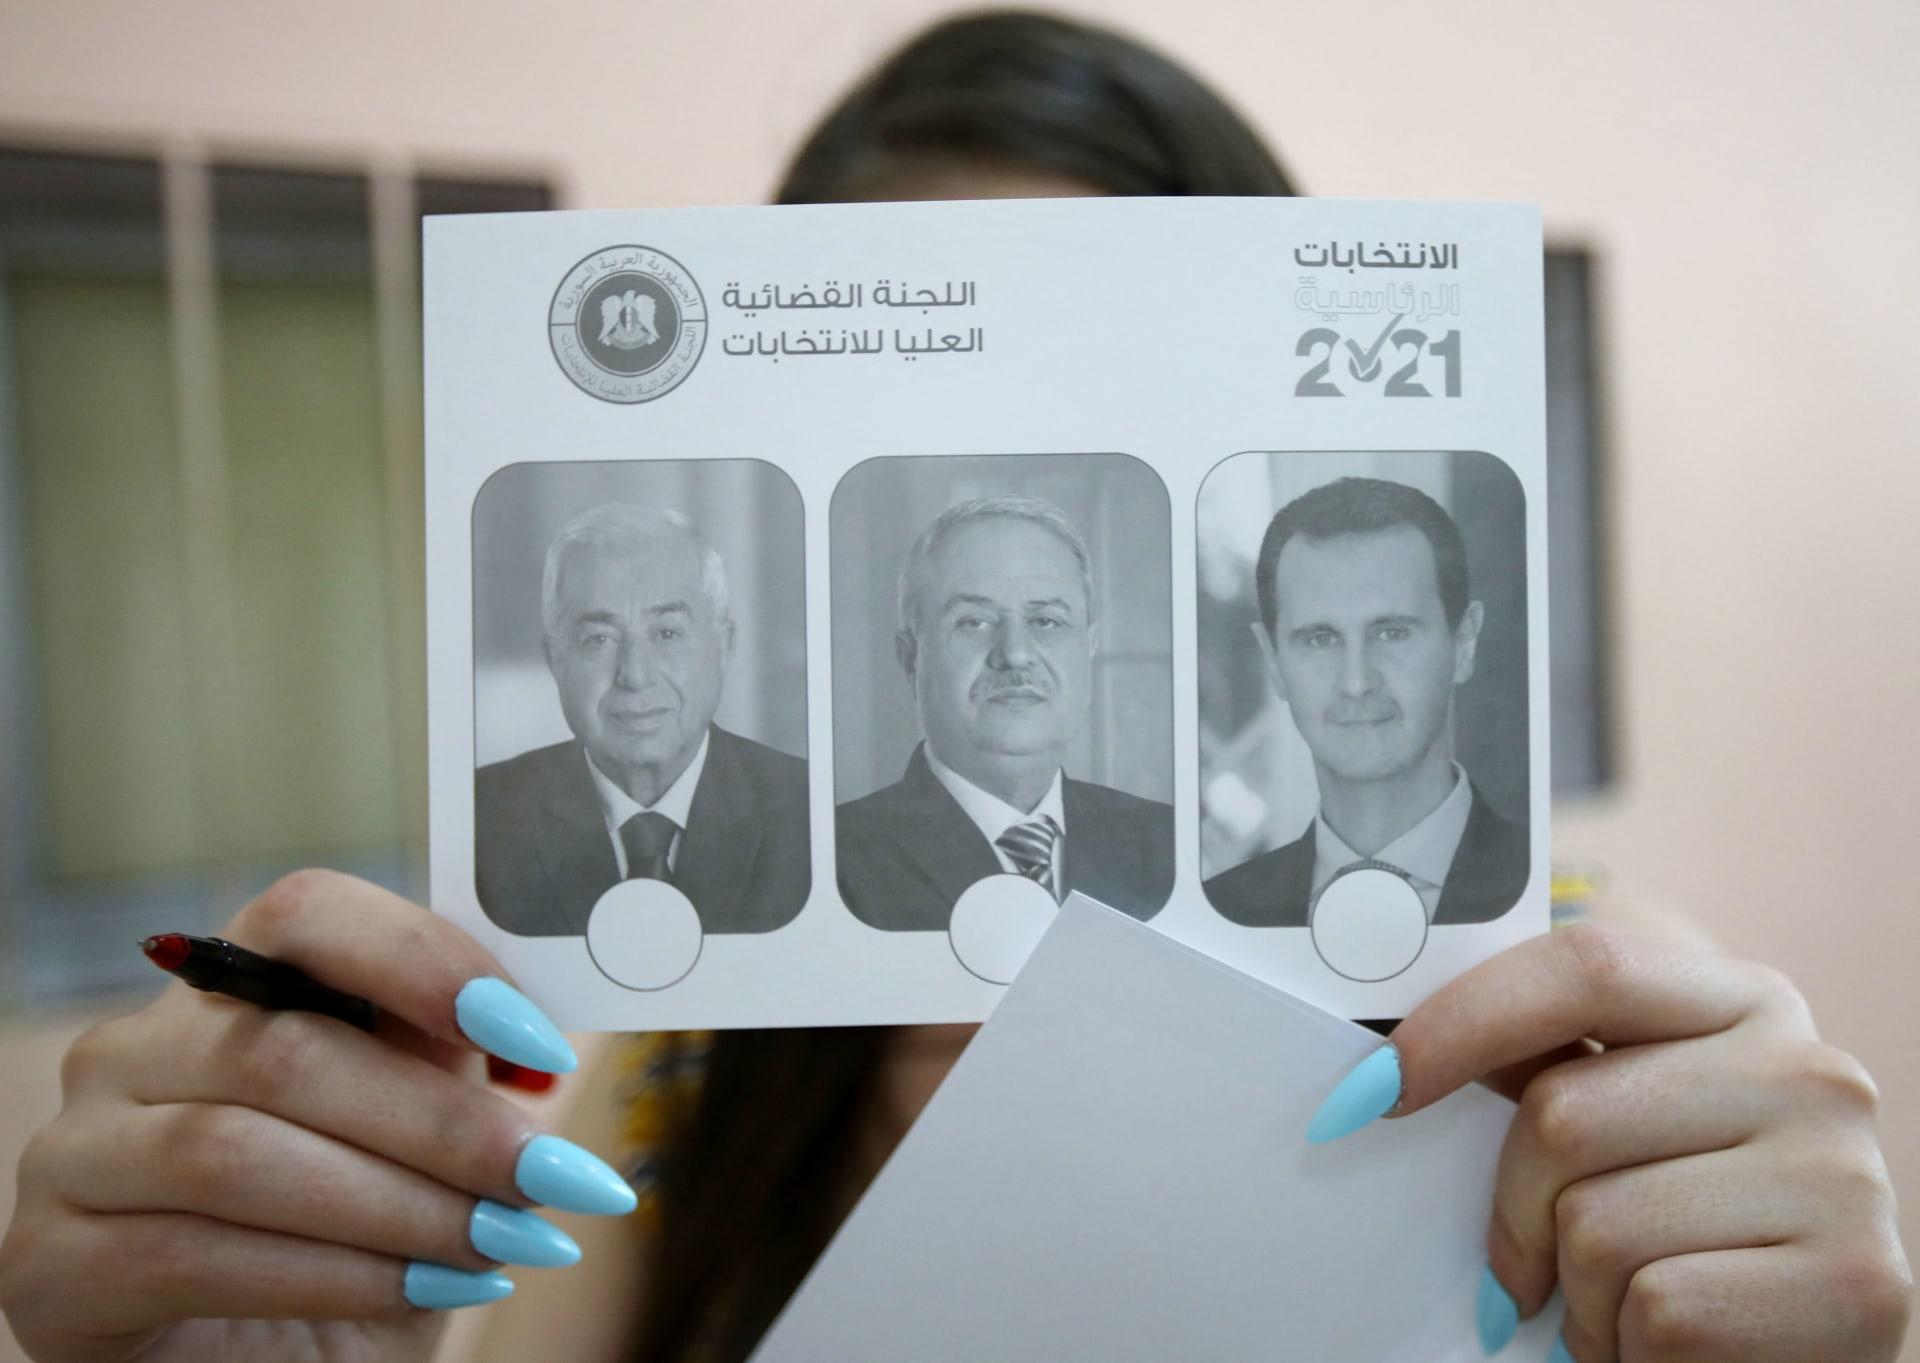 المرشحين بالانتخابات السورية